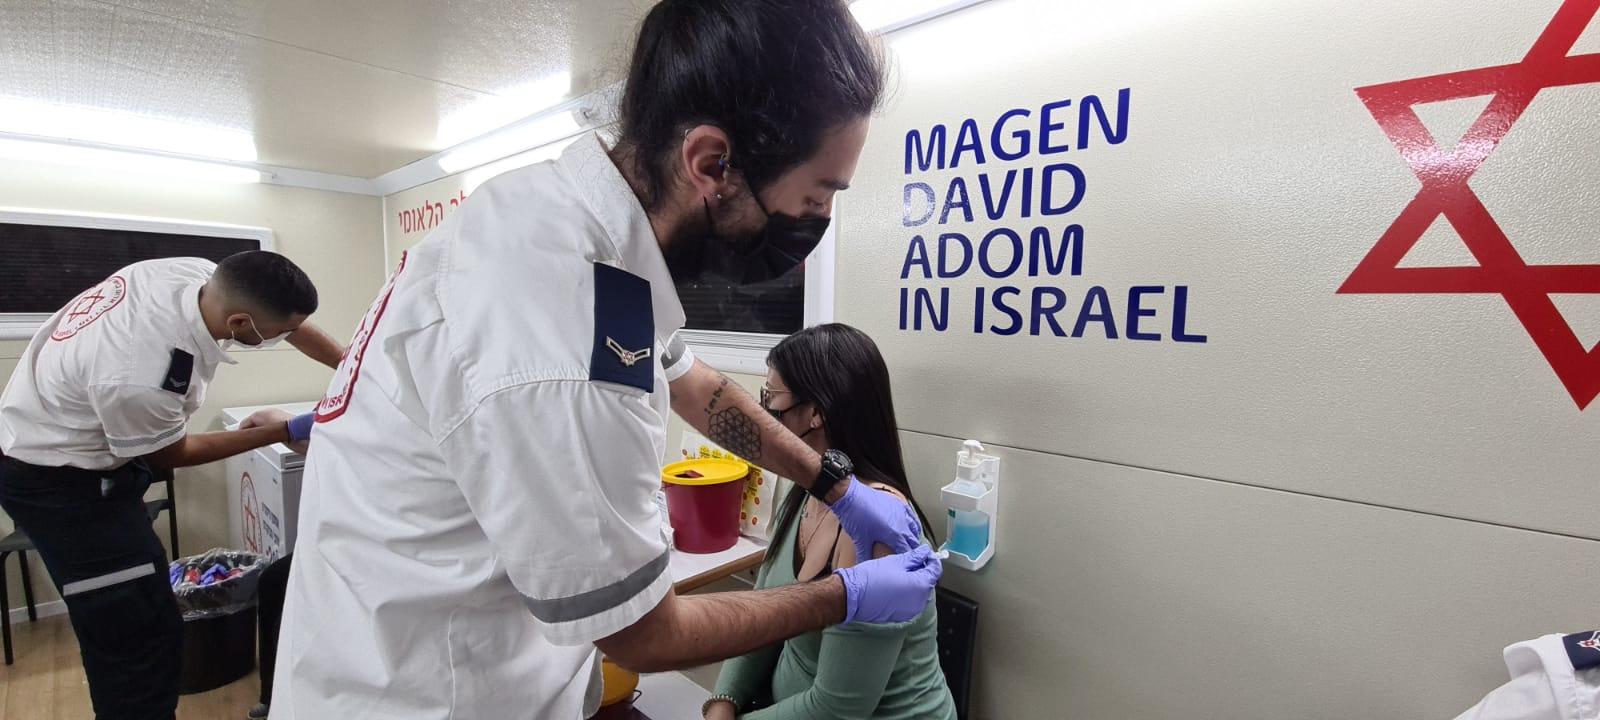 חיסוני קורונה בקרוואן החיסונים של מדא בבת ים – צילום דוברות מדא 15.2.21 (3)